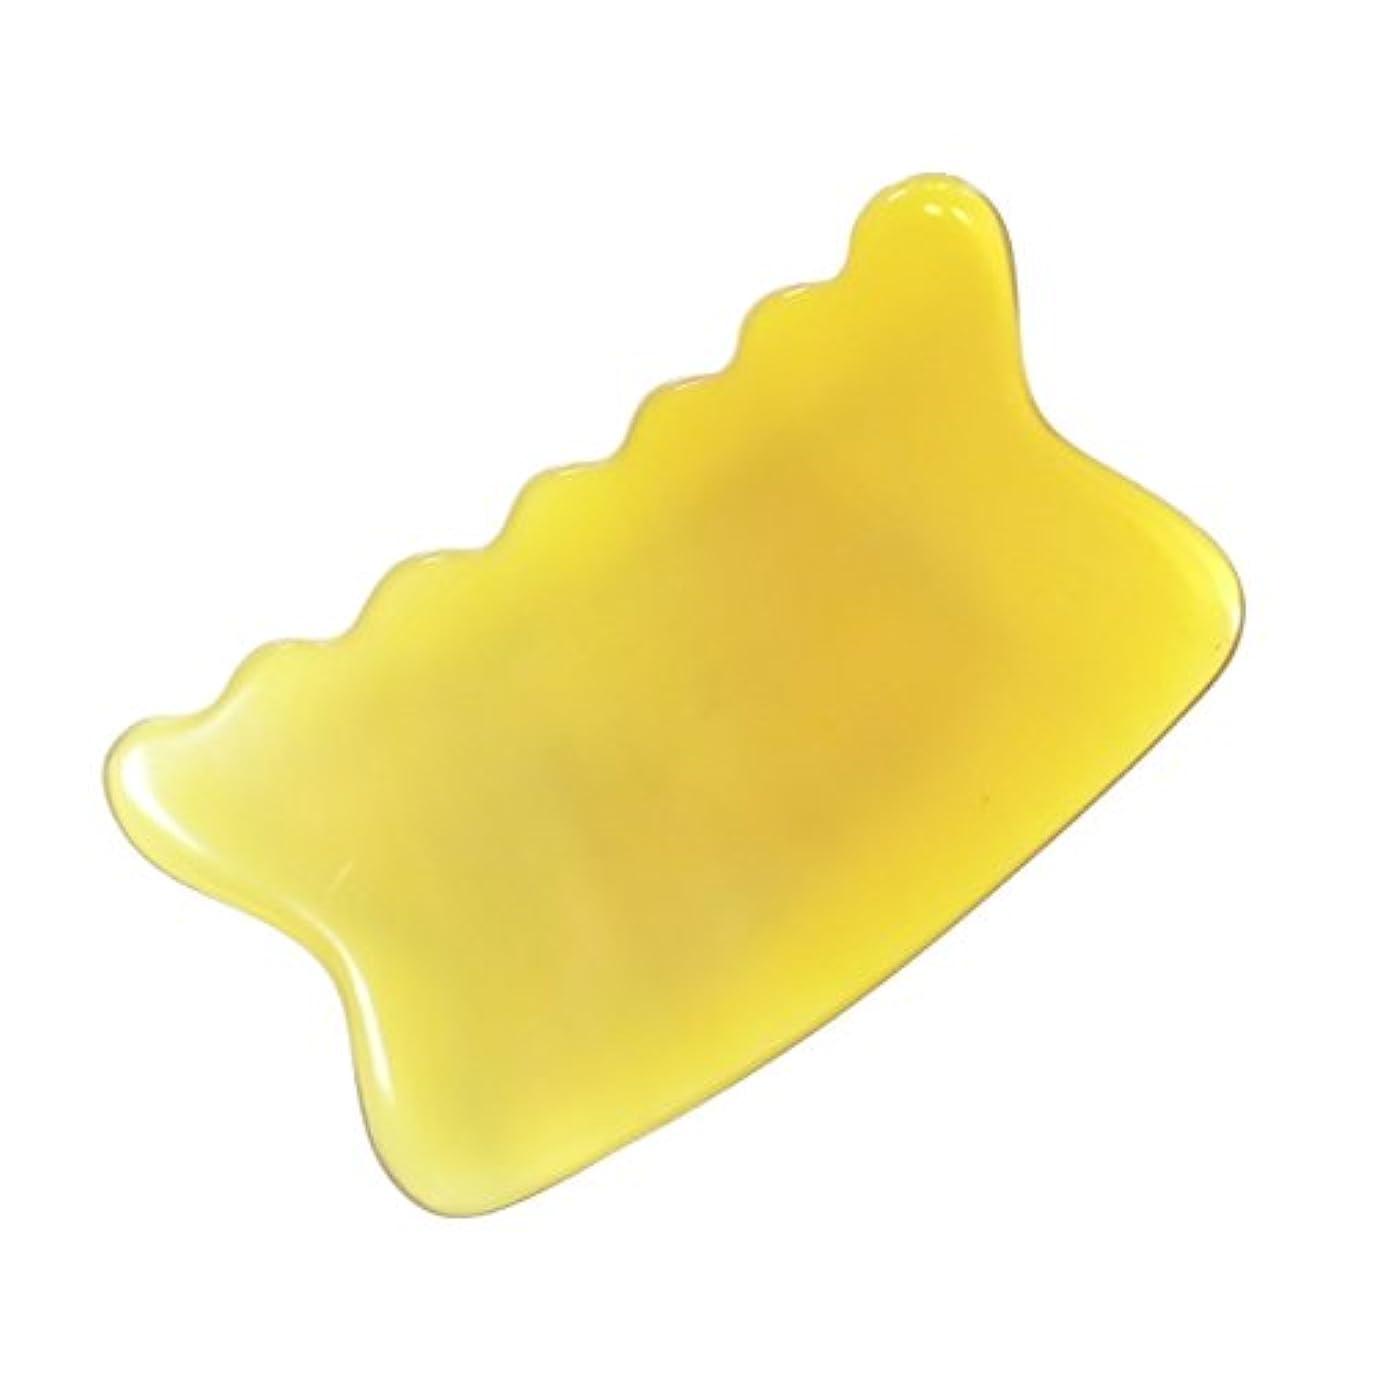 舗装する教えるごめんなさいかっさ プレート 希少55 黄水牛角 極美品 曲波型